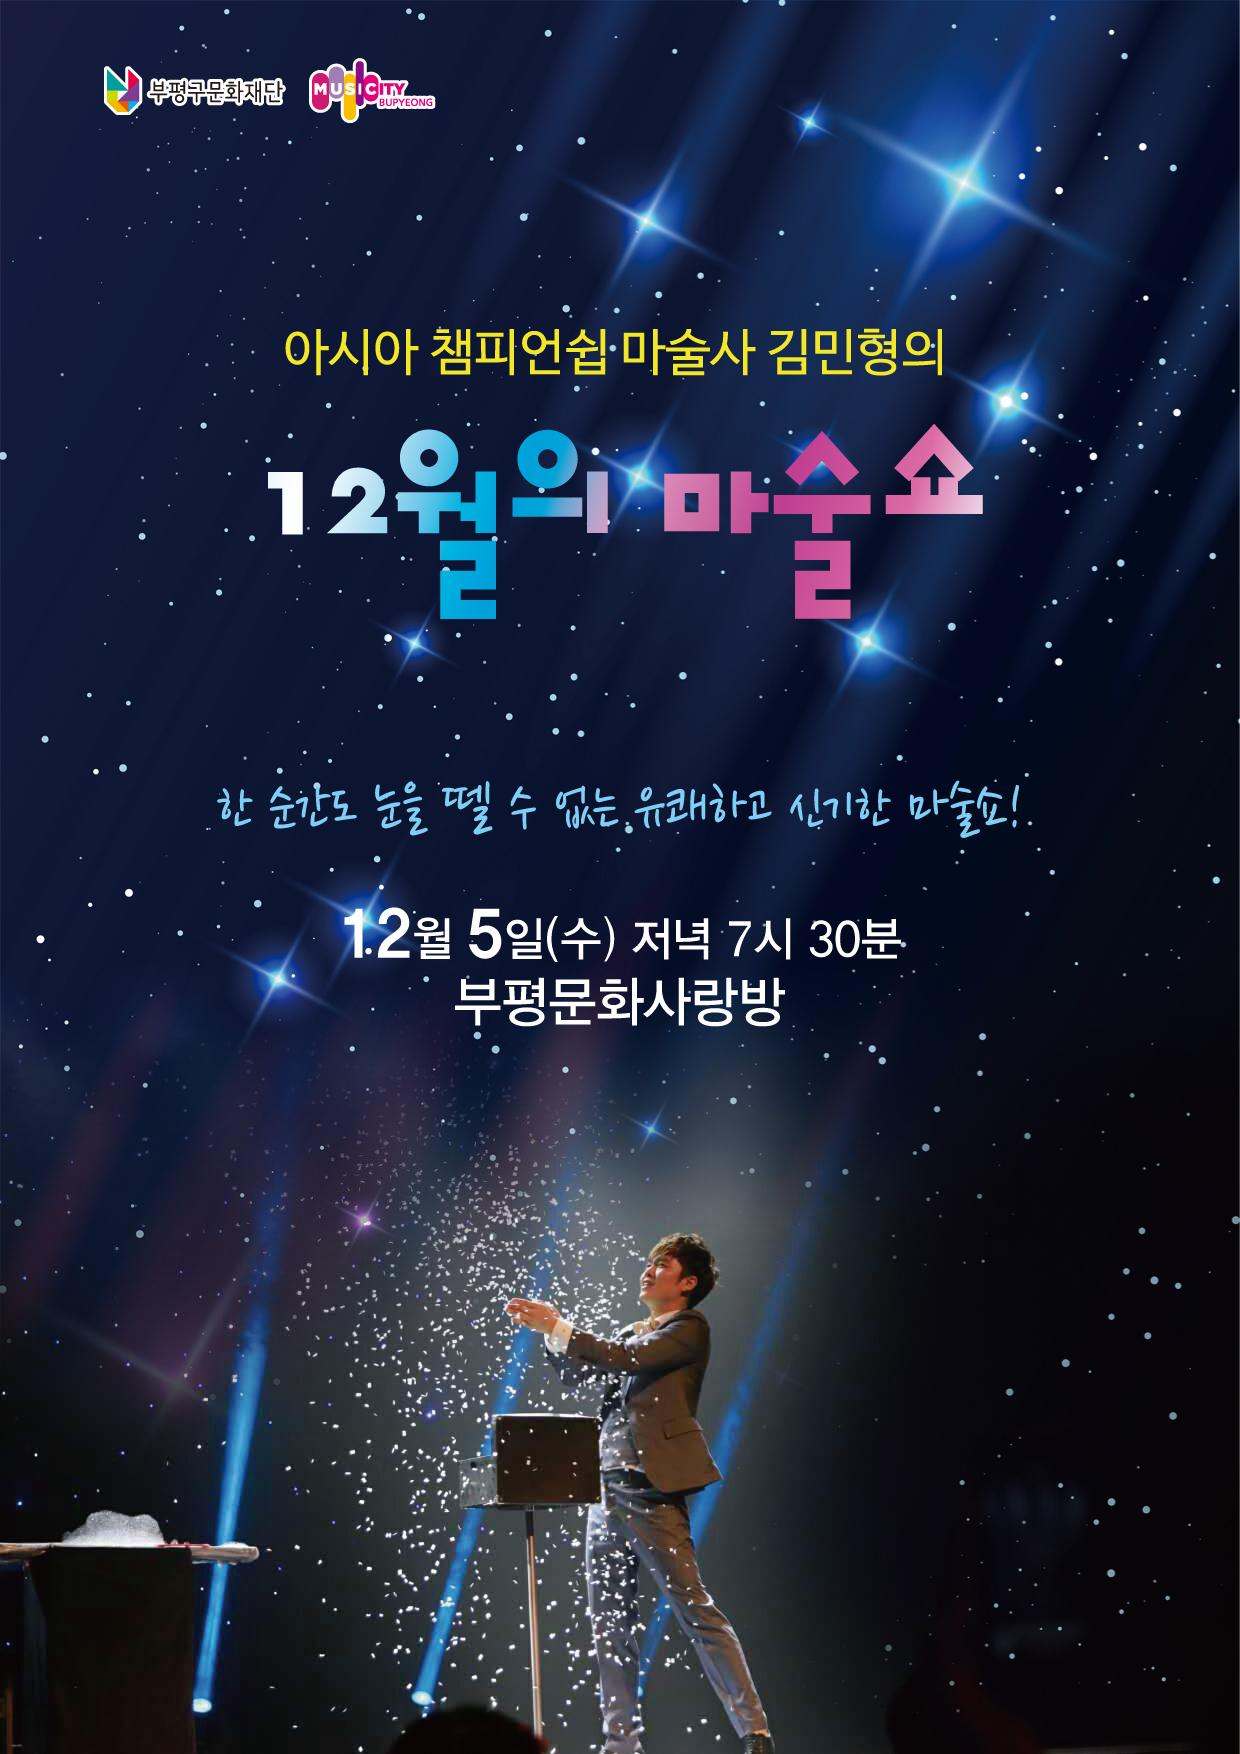 아시아 챔피언쉽 마술사 김민형의 <12월의 마술쇼>이미지